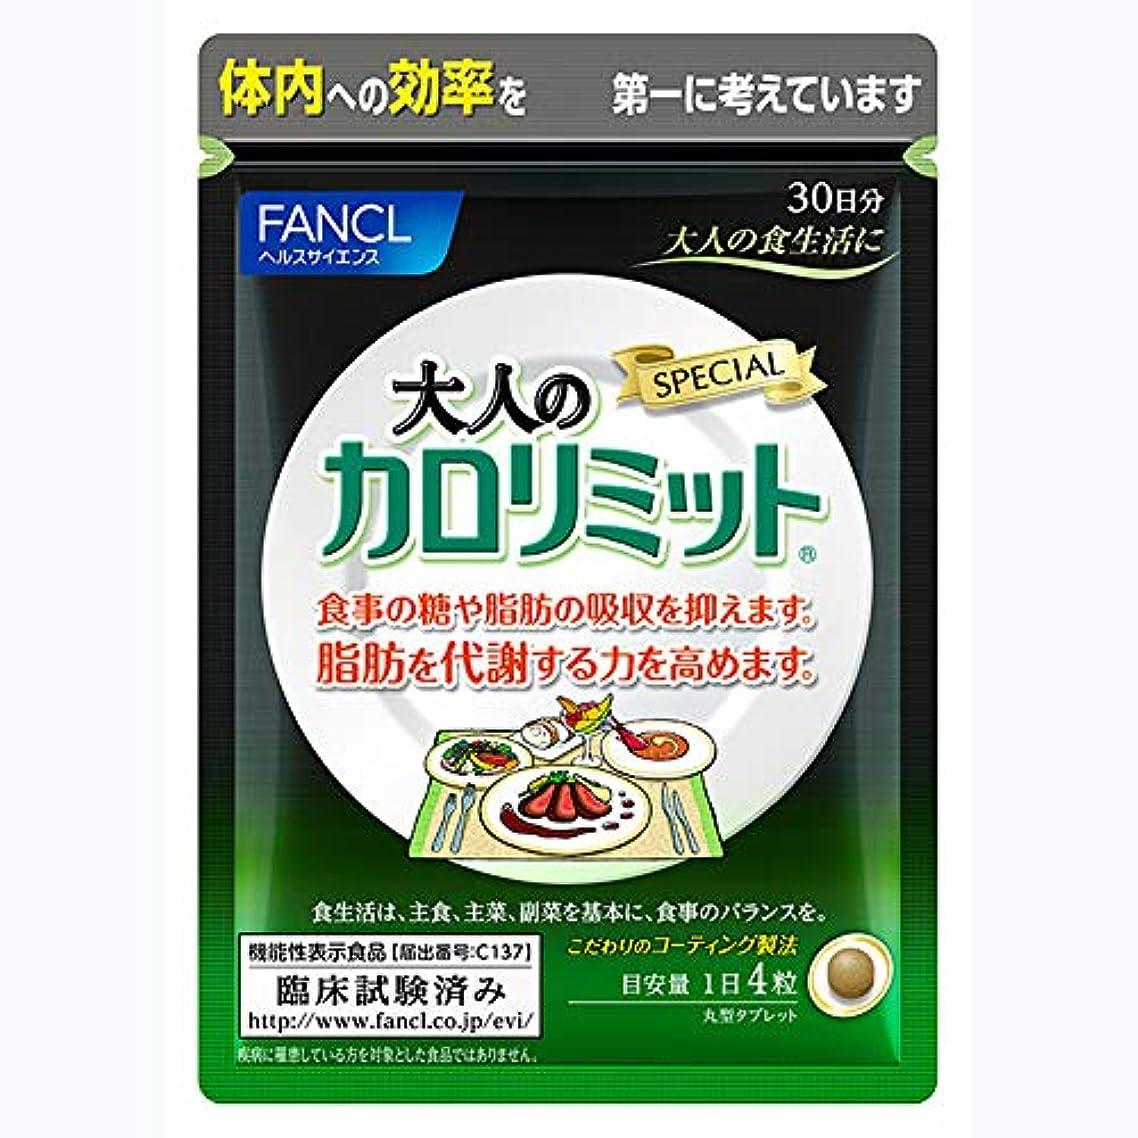 補正農夫拍車ファンケル(FANCL) 大人のカロリミット [機能性表示食品] 30日分 120粒